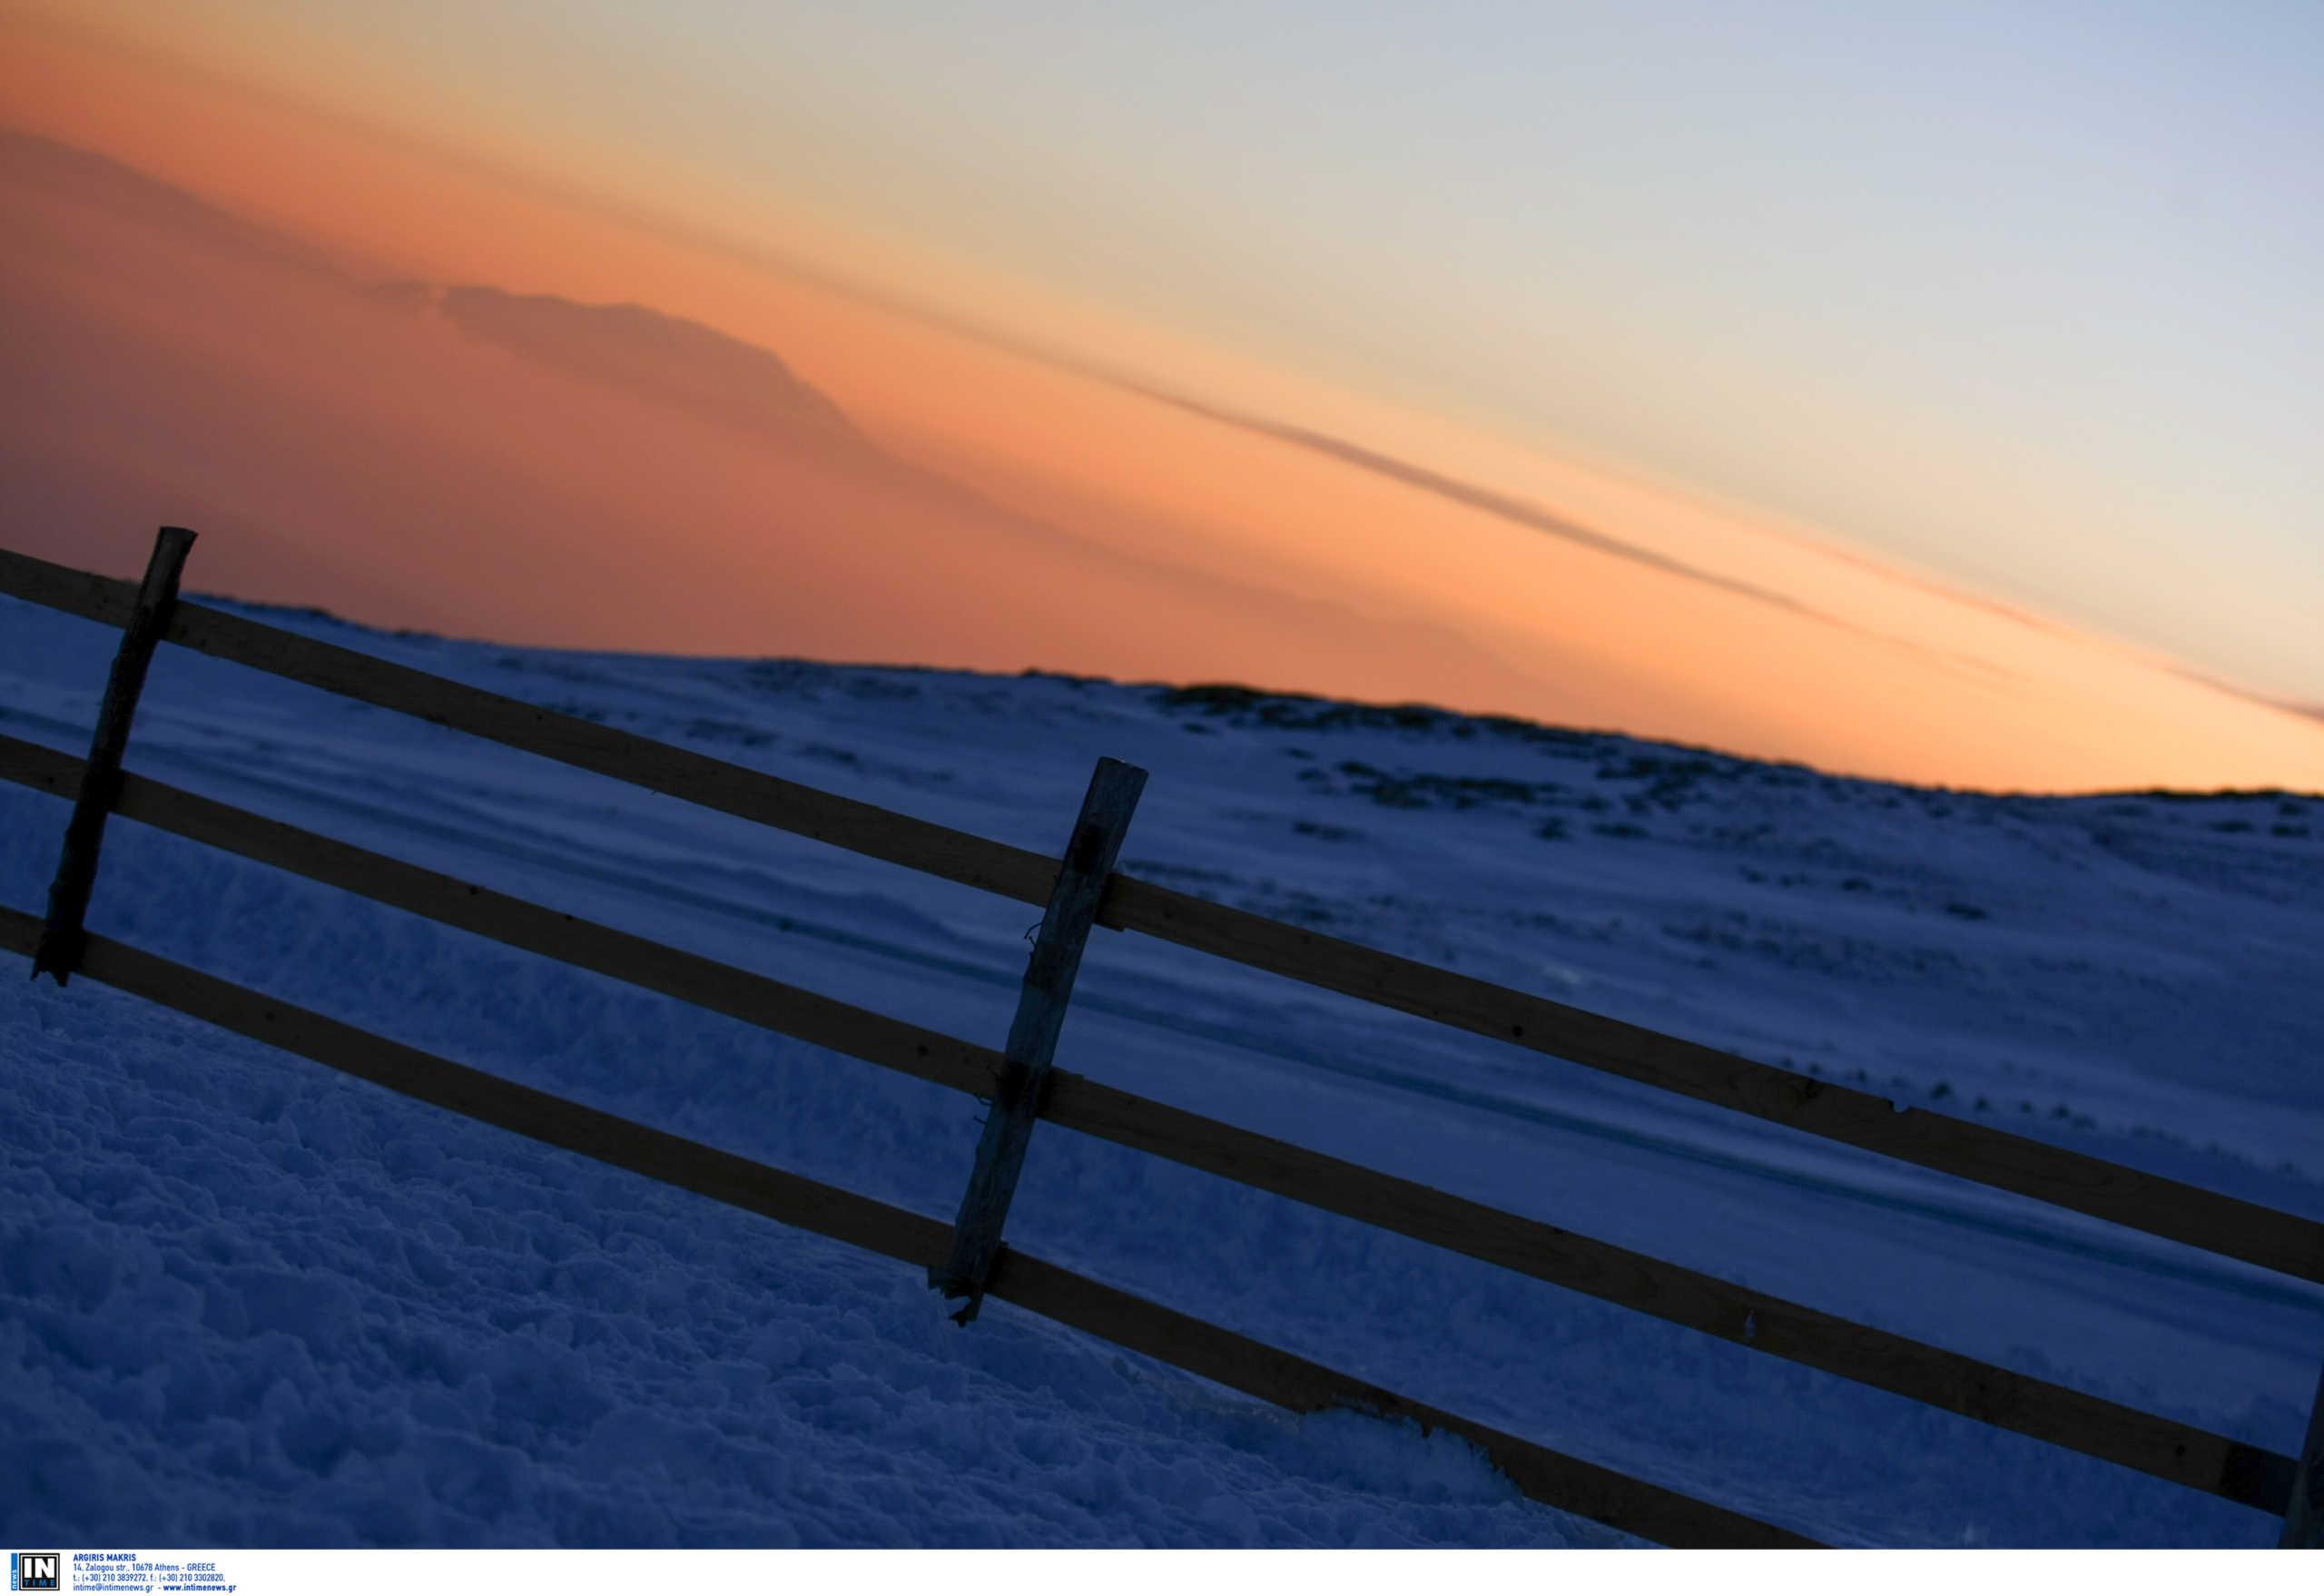 Στα λευκά πολλές περιοχές της χώρας από χαλάζι! Έρχονται χιόνια στο Καϊμάκτσαλαν